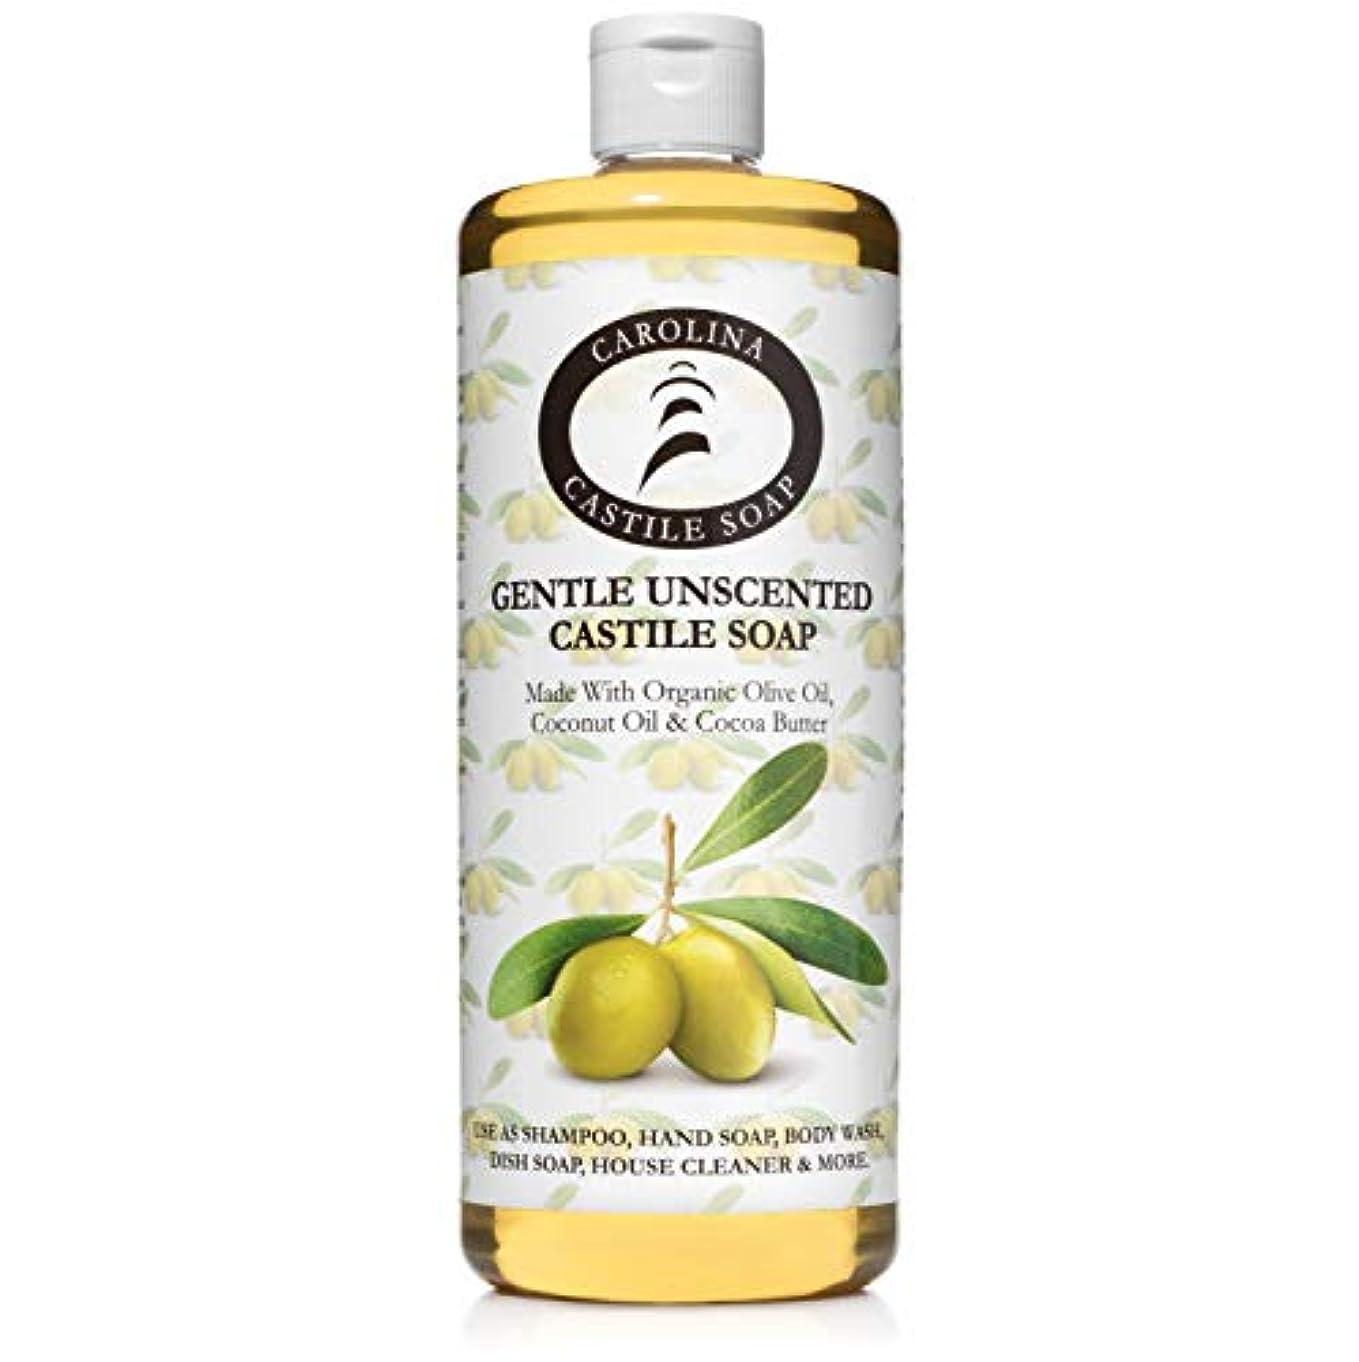 ふける保育園うがいCarolina Castile Soap ジェントル無香料認定オーガニック 32オズ